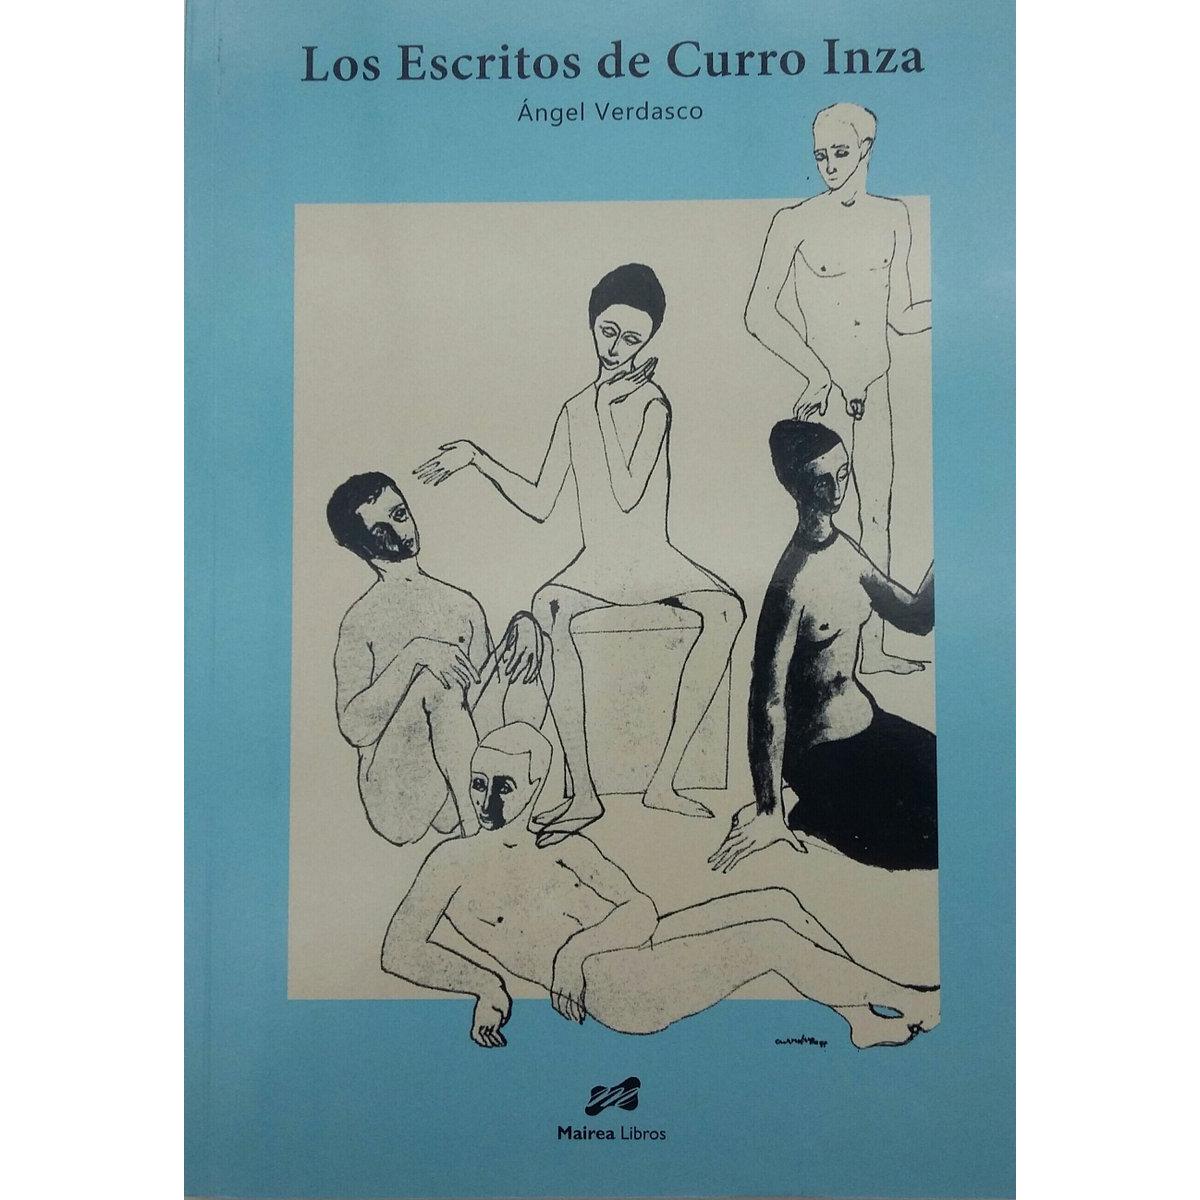 Los escritos de Curro Inza